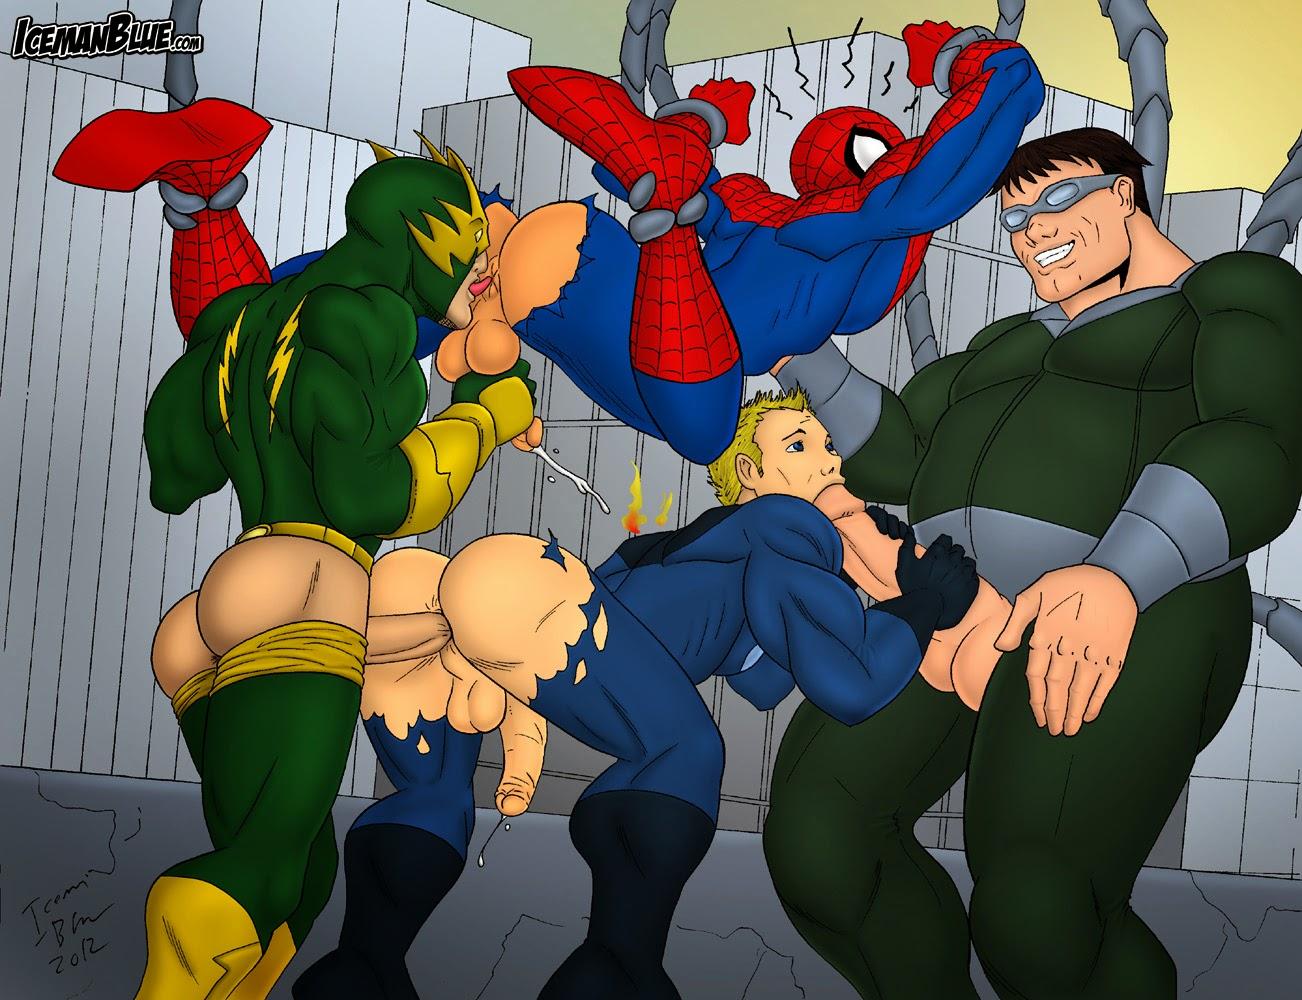 Black Spider Man Gay Spider Man - Mediaitecom